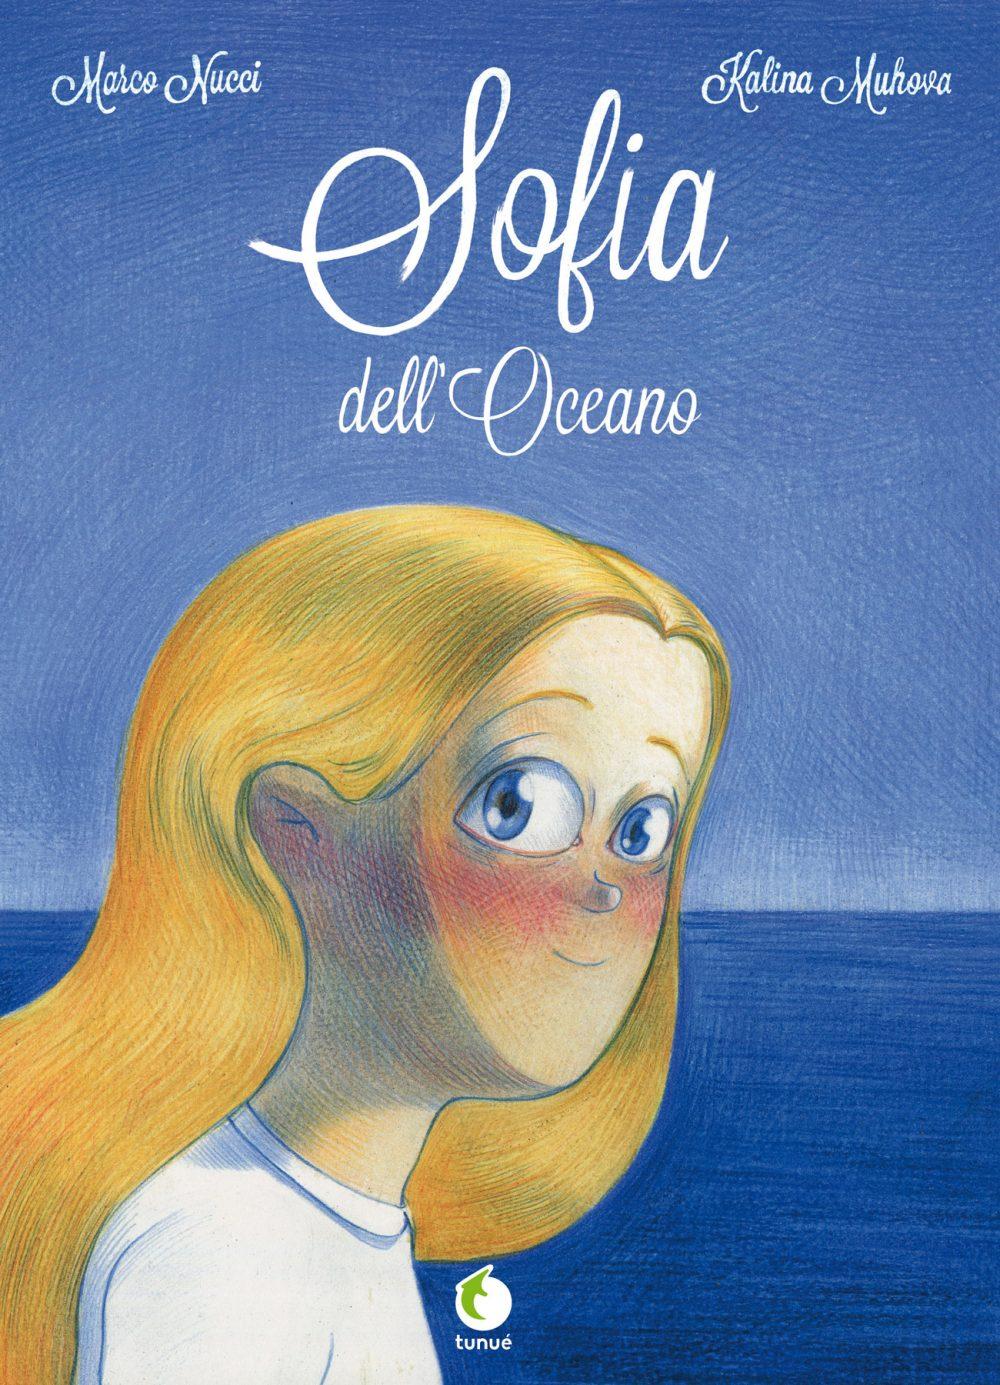 Sofia dell'oceano, copertina di Kalina Muhova